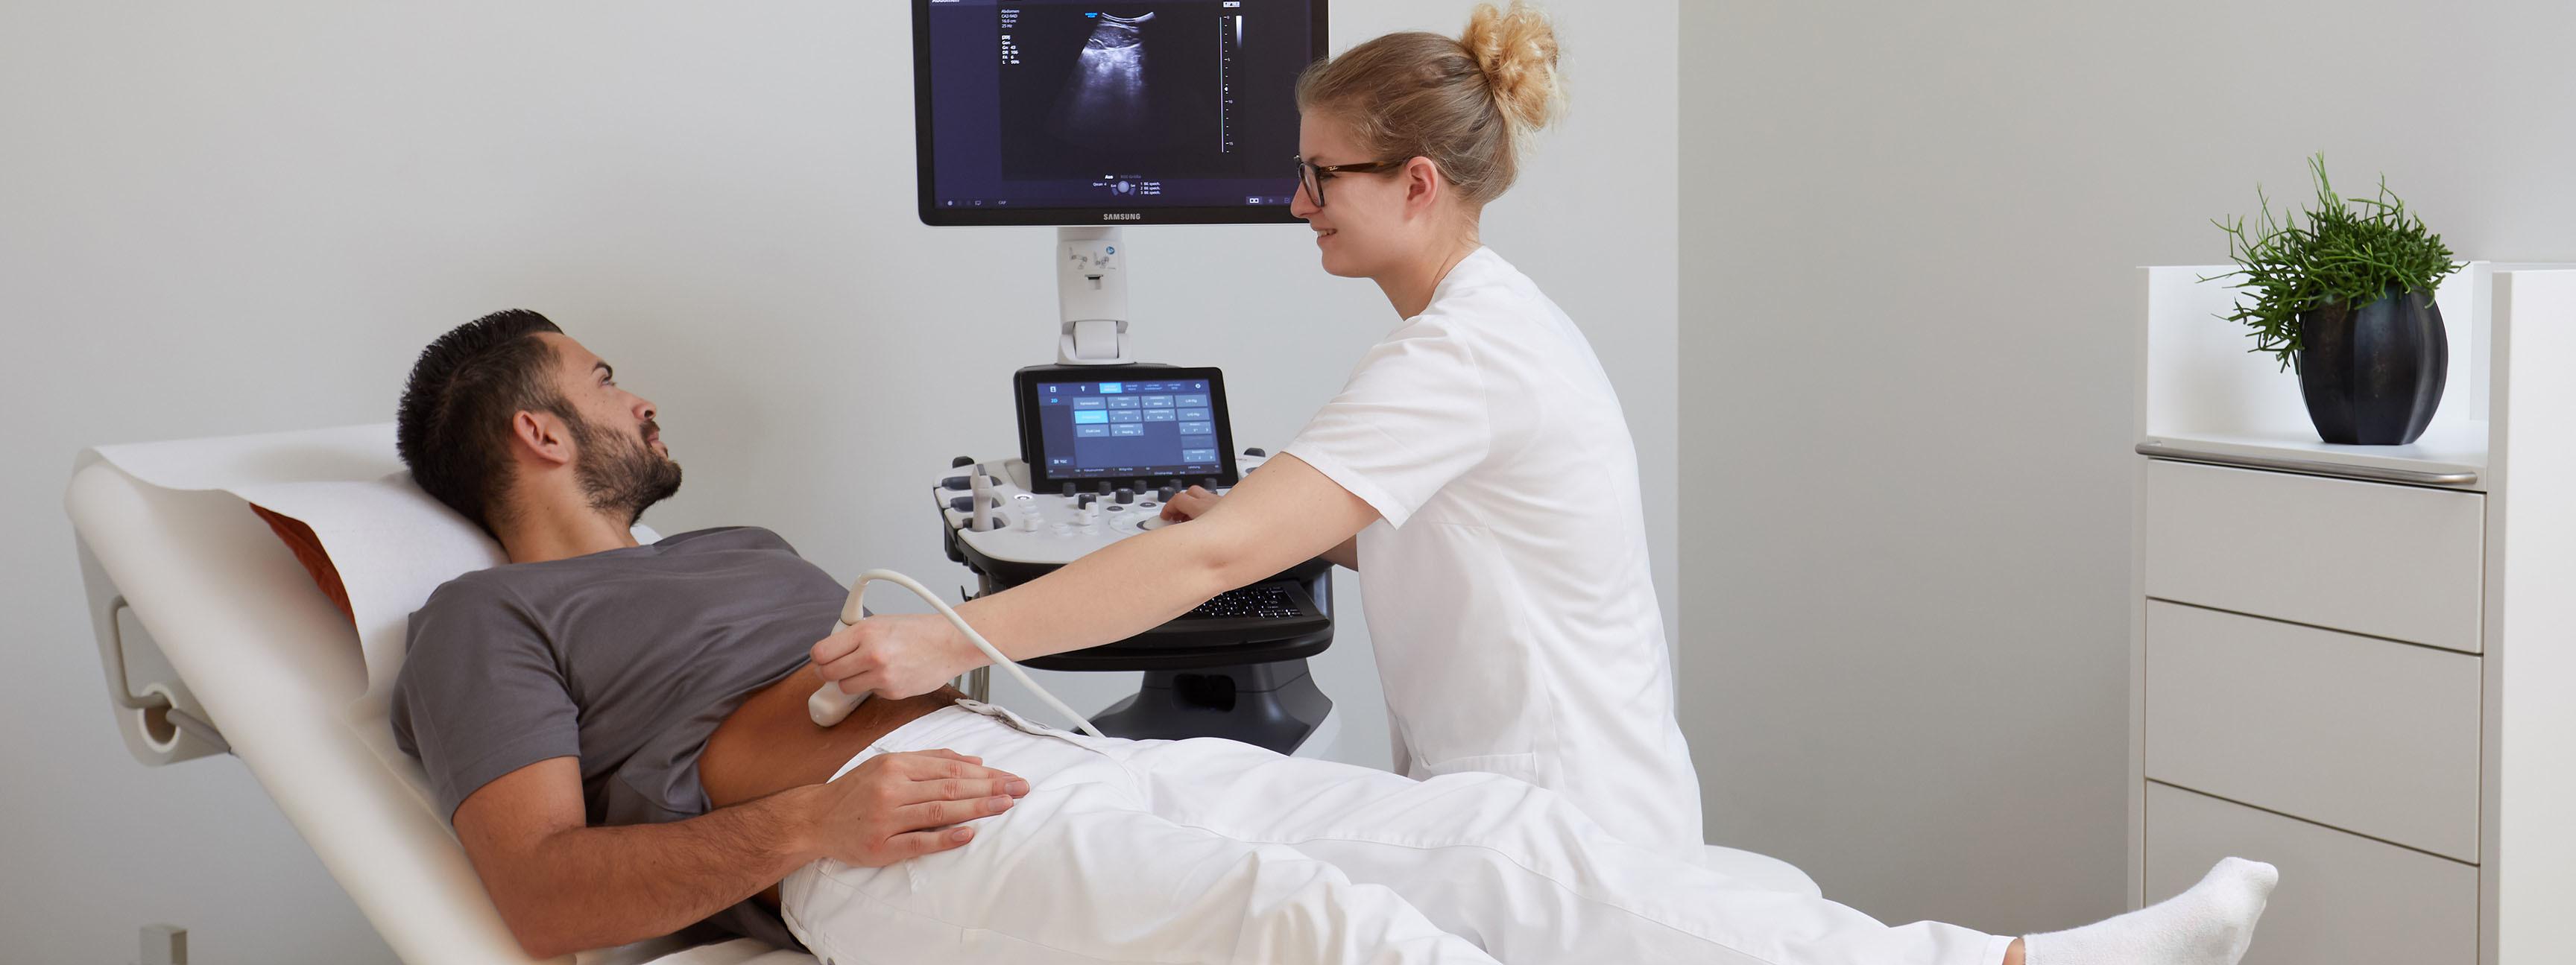 Ultraschalluntersuchung bei Urologin